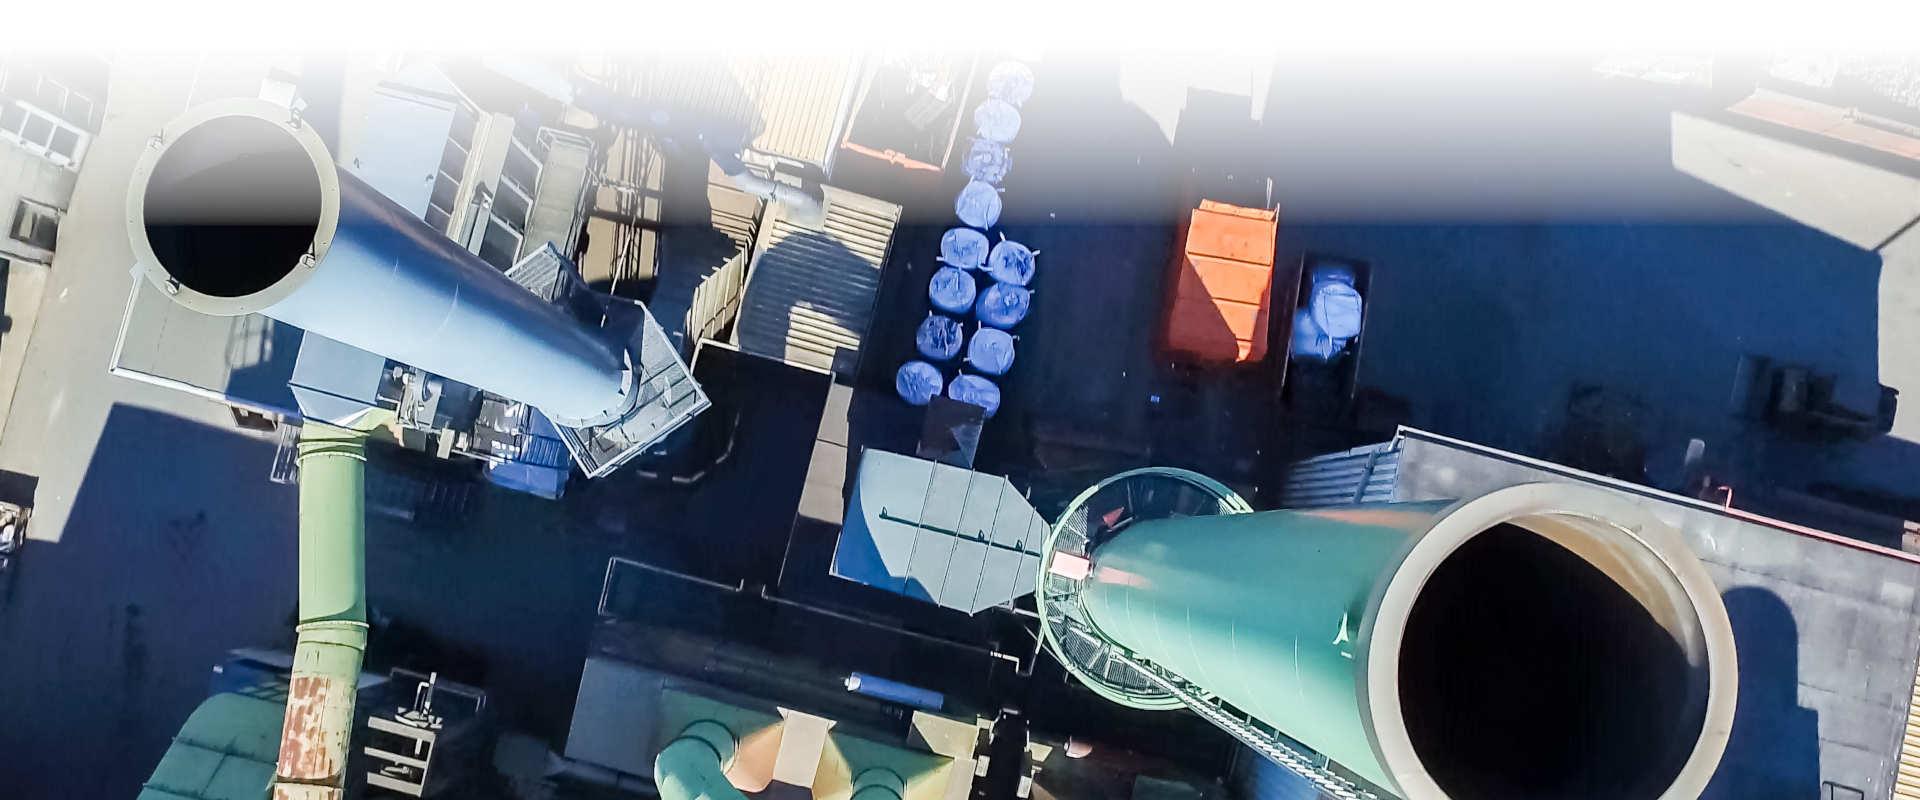 Inspección industrial mediante drone